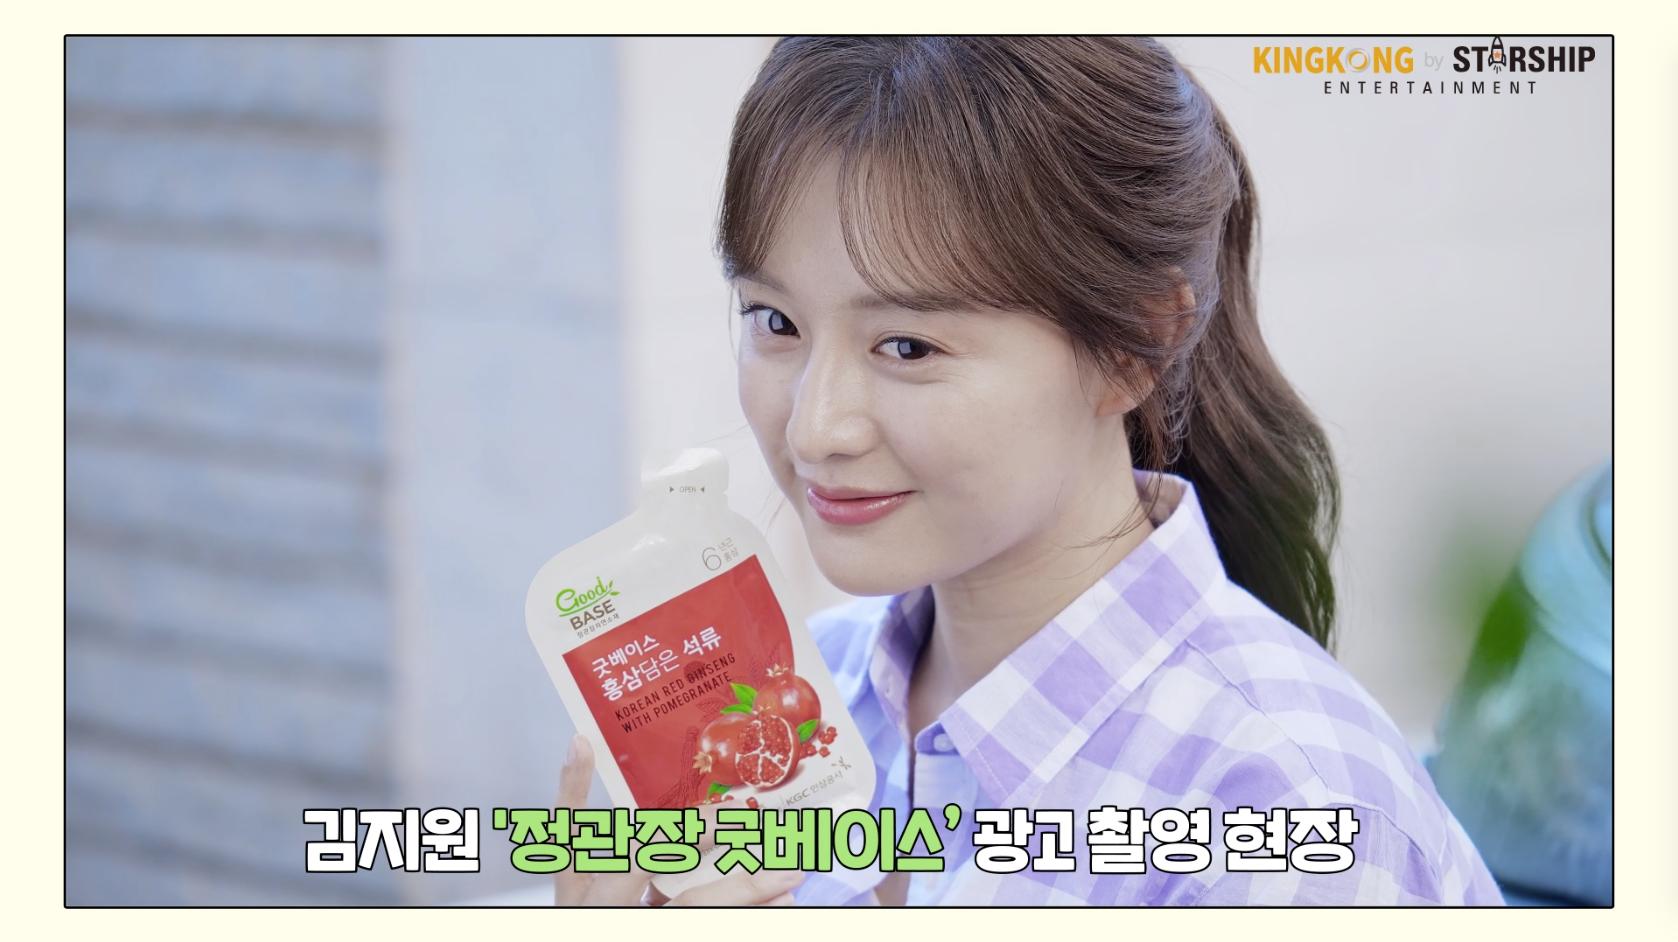 [배우 김지원] 의 날씨는 언제나 굿! feat.정관장 굿베이스